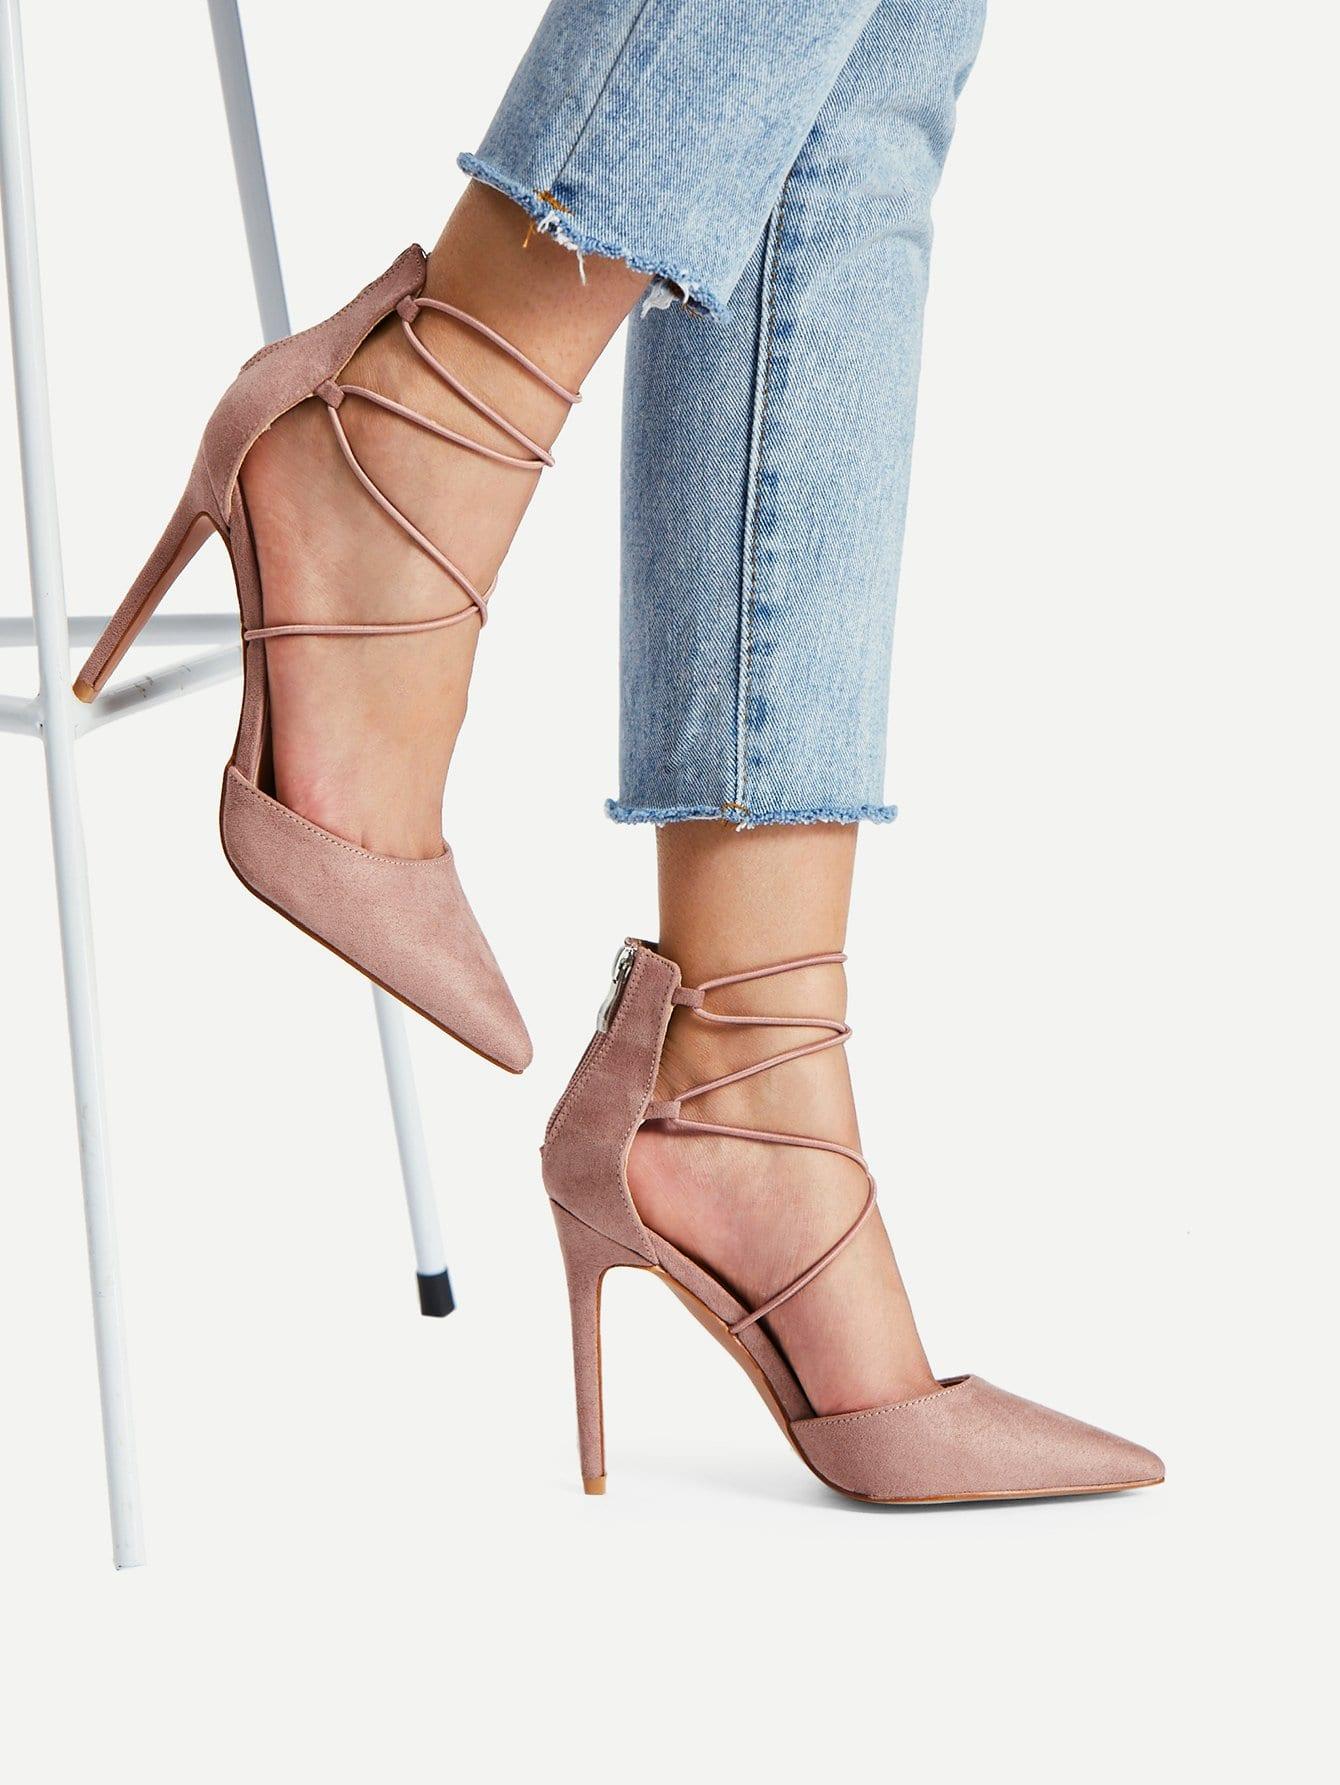 Купить Criss Cross Strappy Heels, null, SheIn